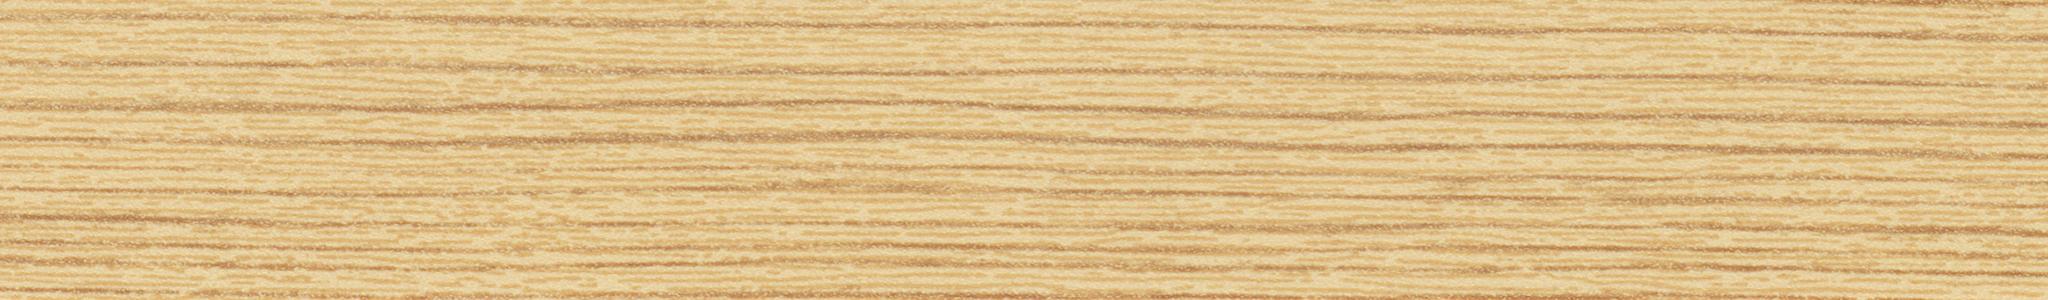 HD 258408 ABS Kante Dekor Kiefer perl